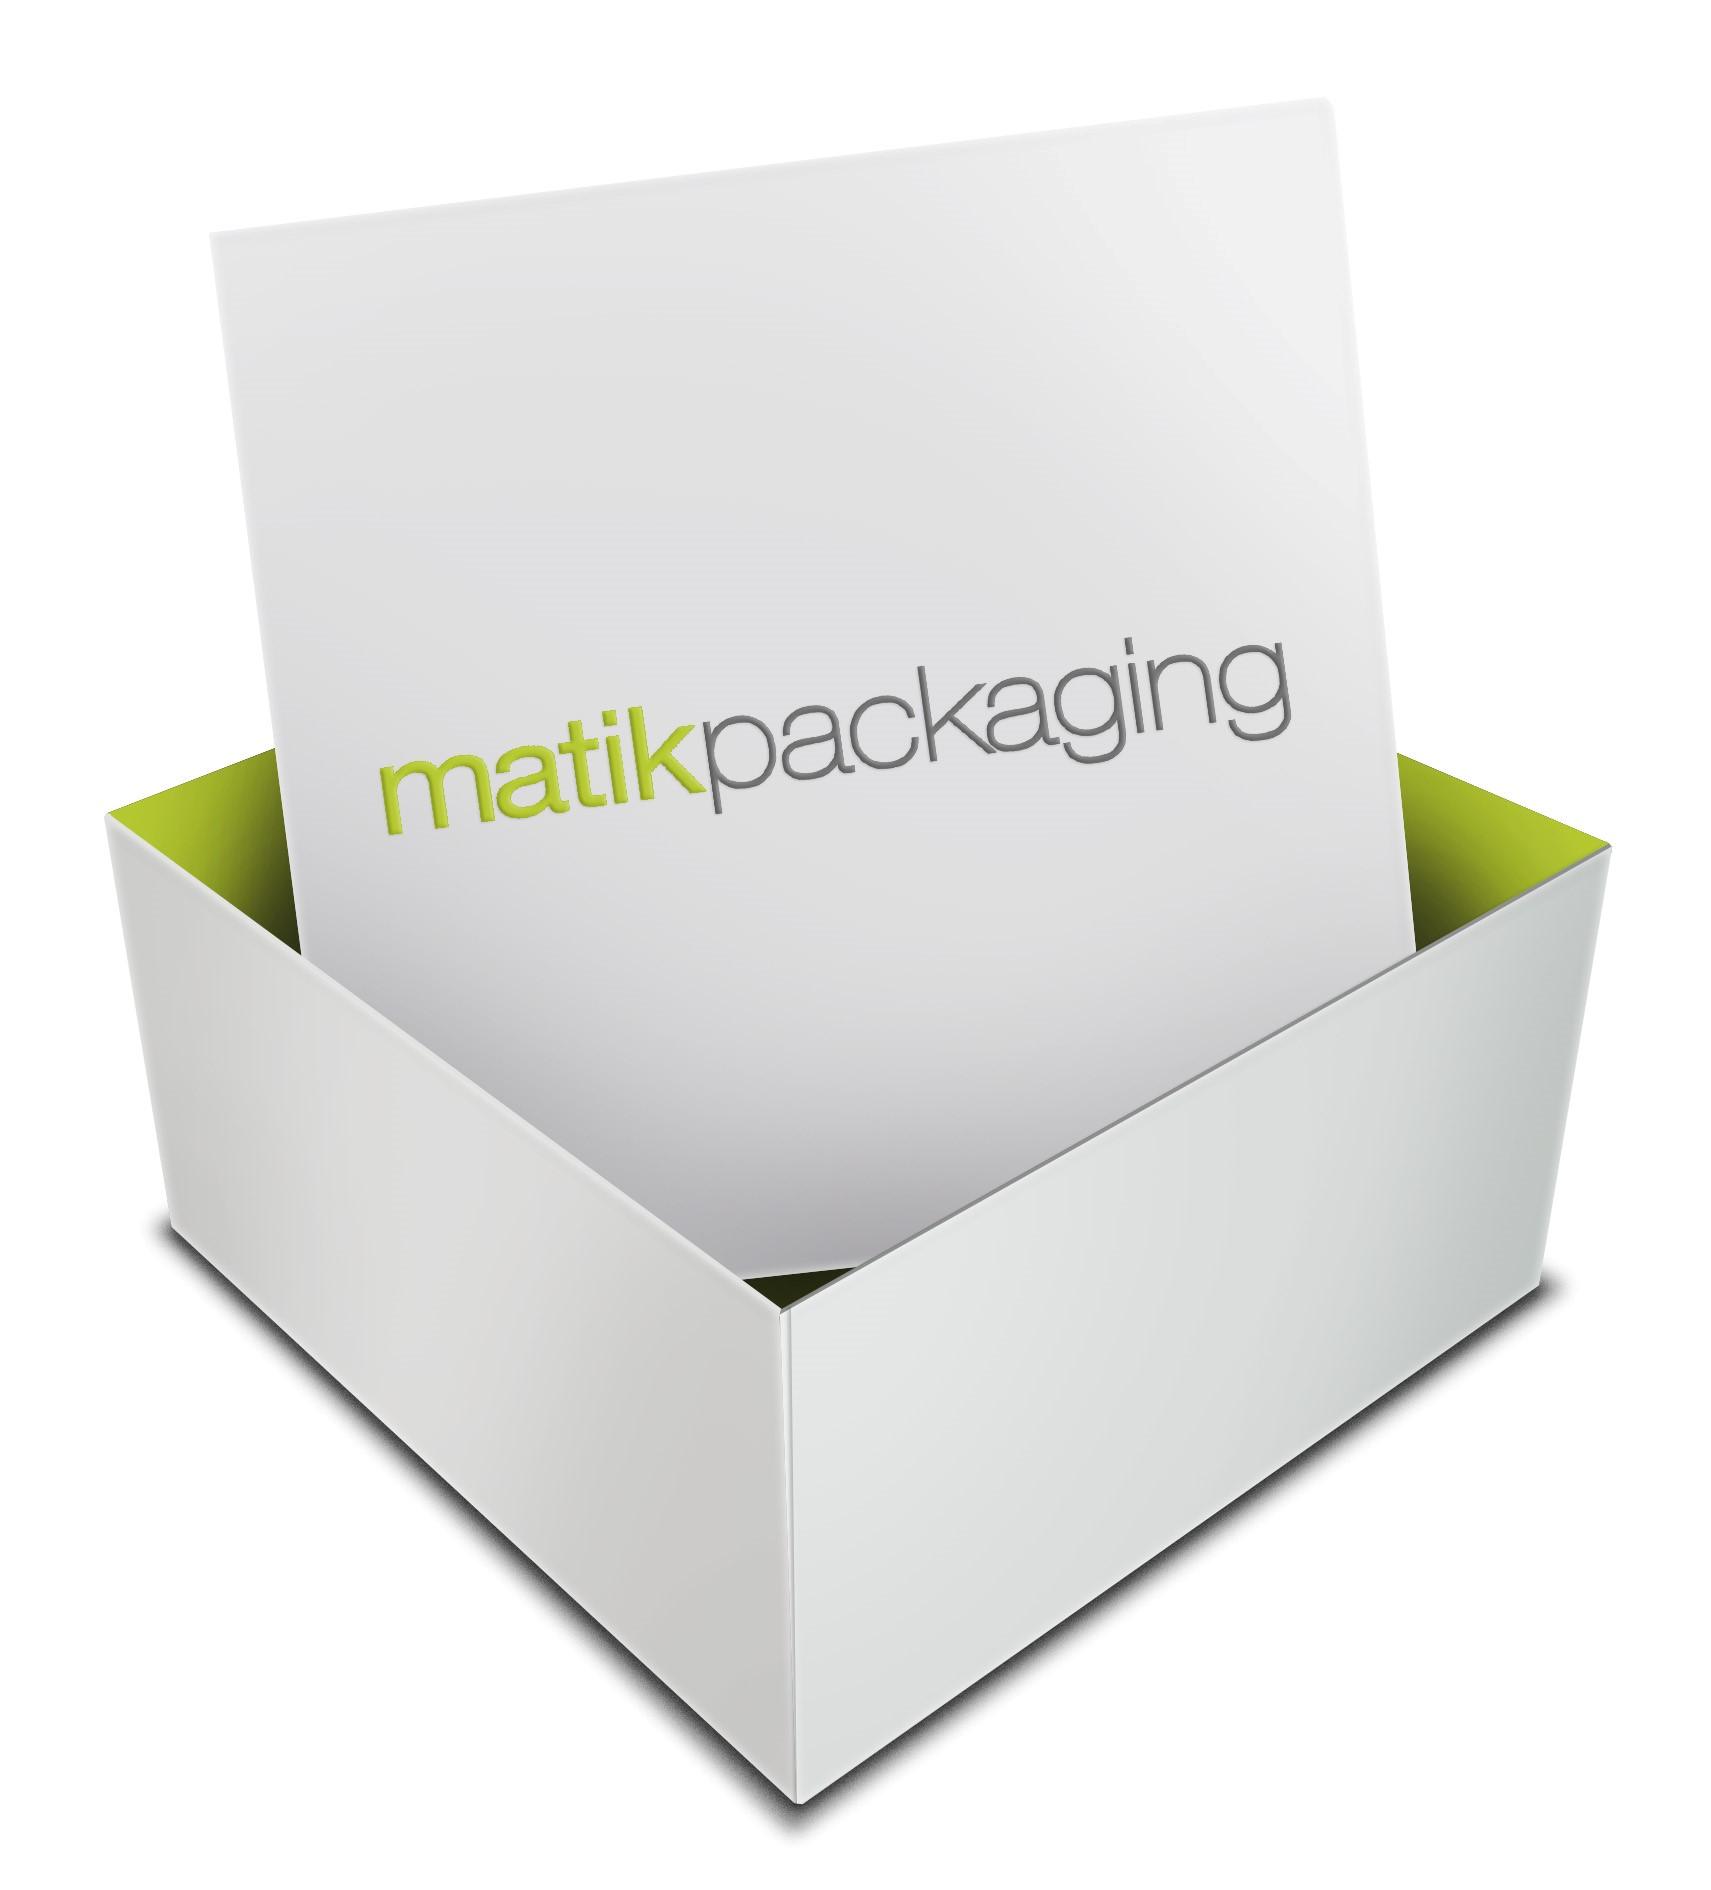 Matik Packaging